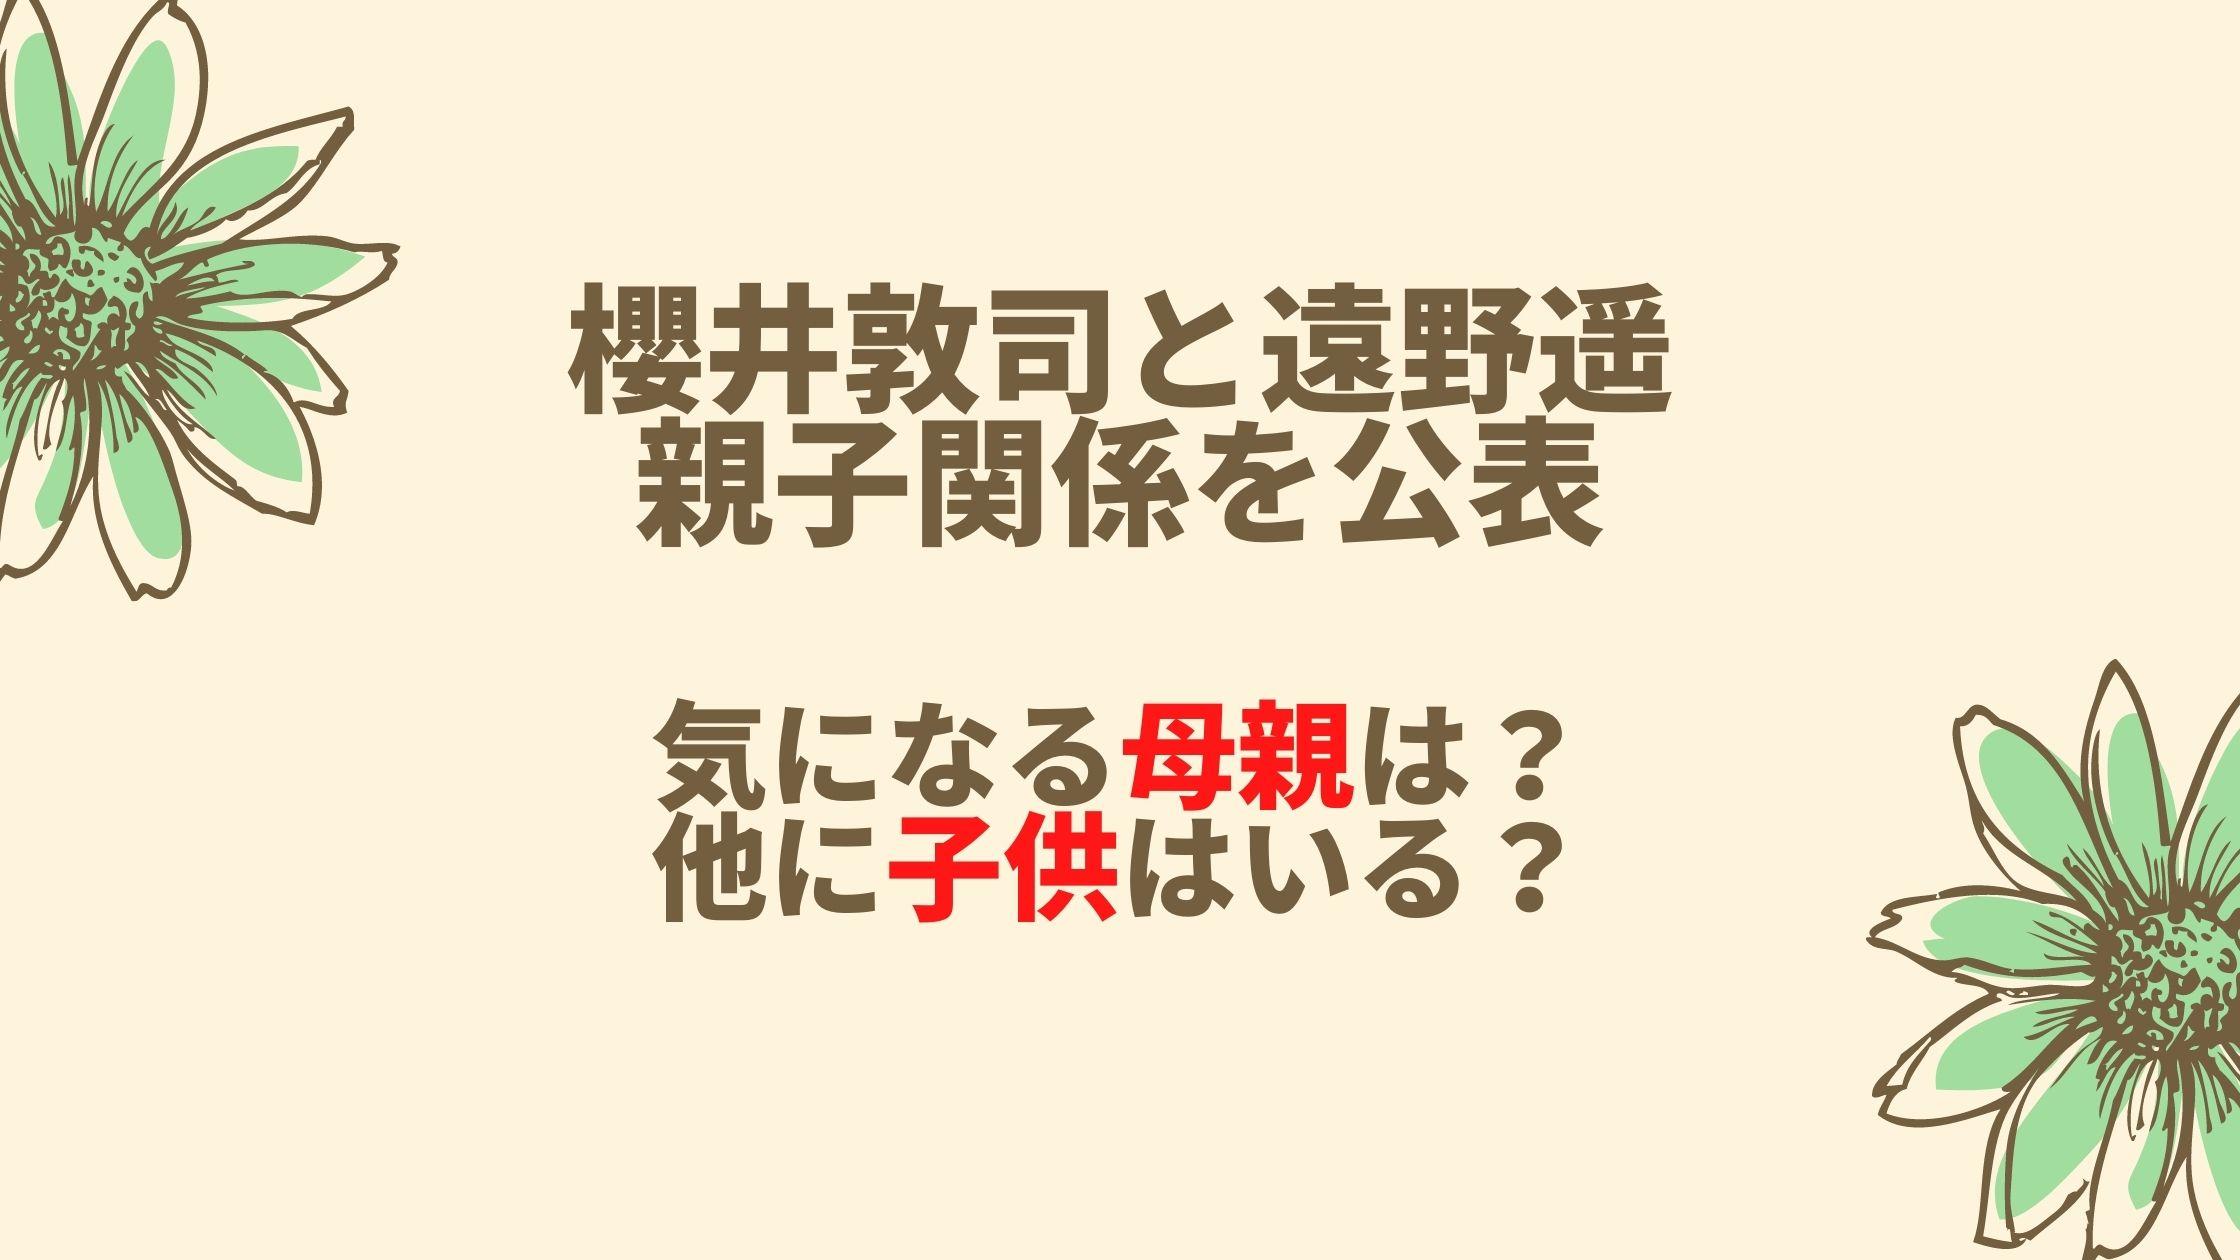 櫻井敦司と遠野遥は親子関係だった